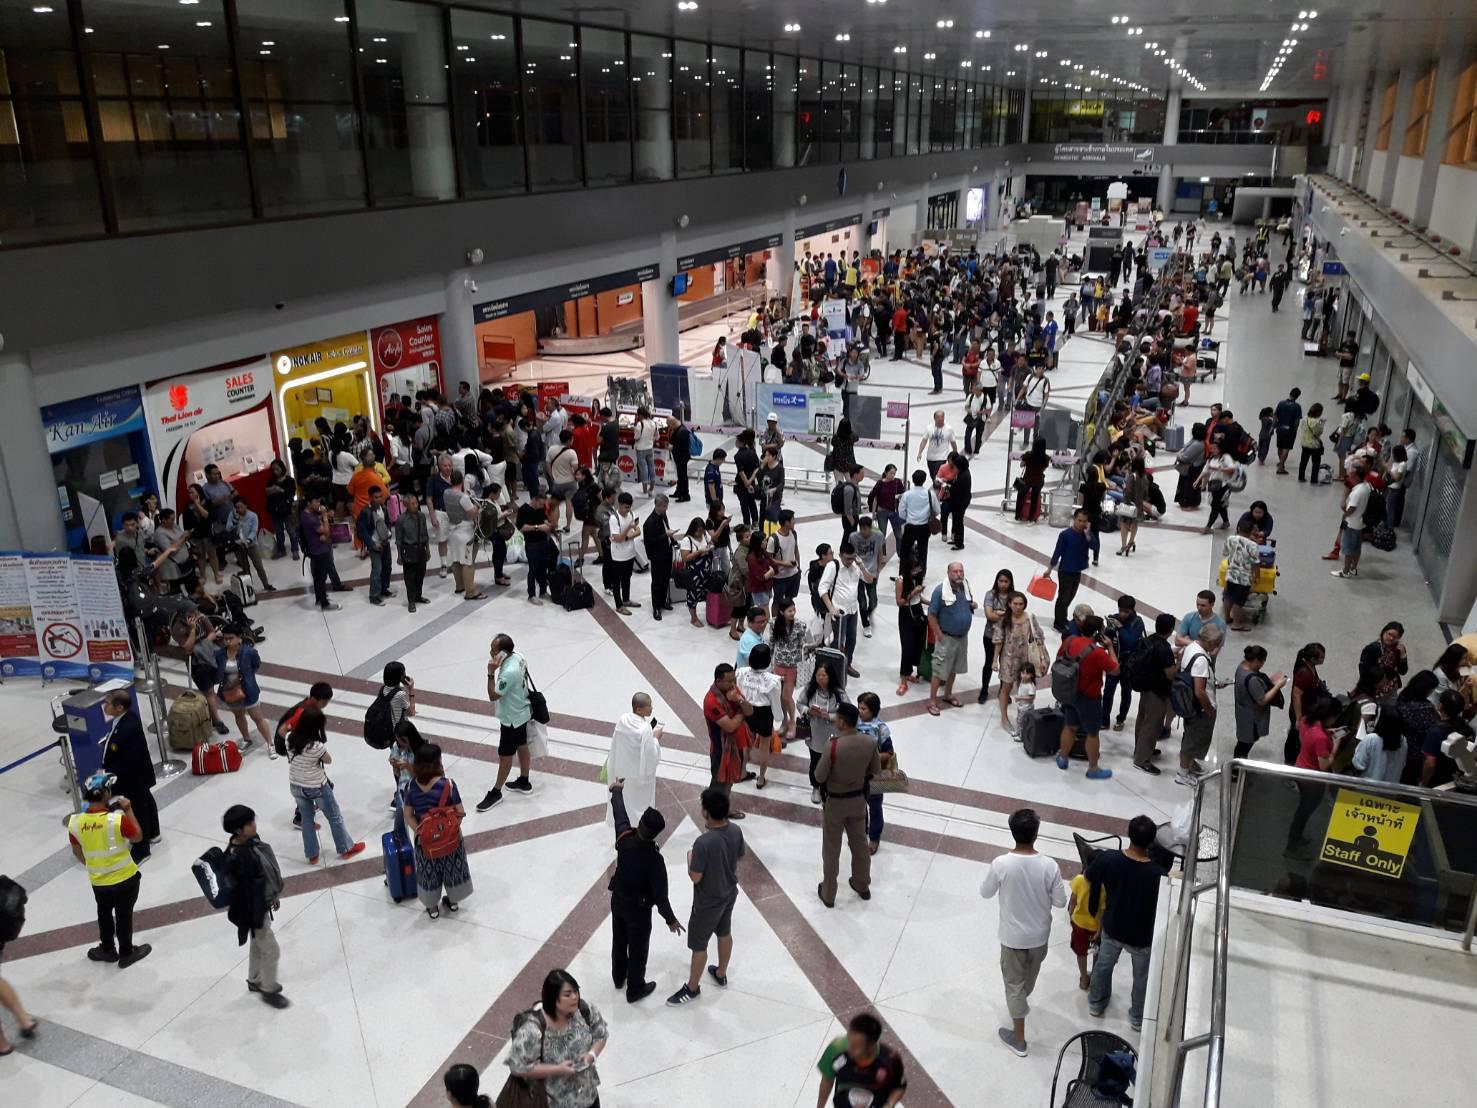 ไฟช็อตสนามบินนานาชาติอุบลฯไม่มีไฟส่องทางเครื่องบินขึ้นลงไม่ได้